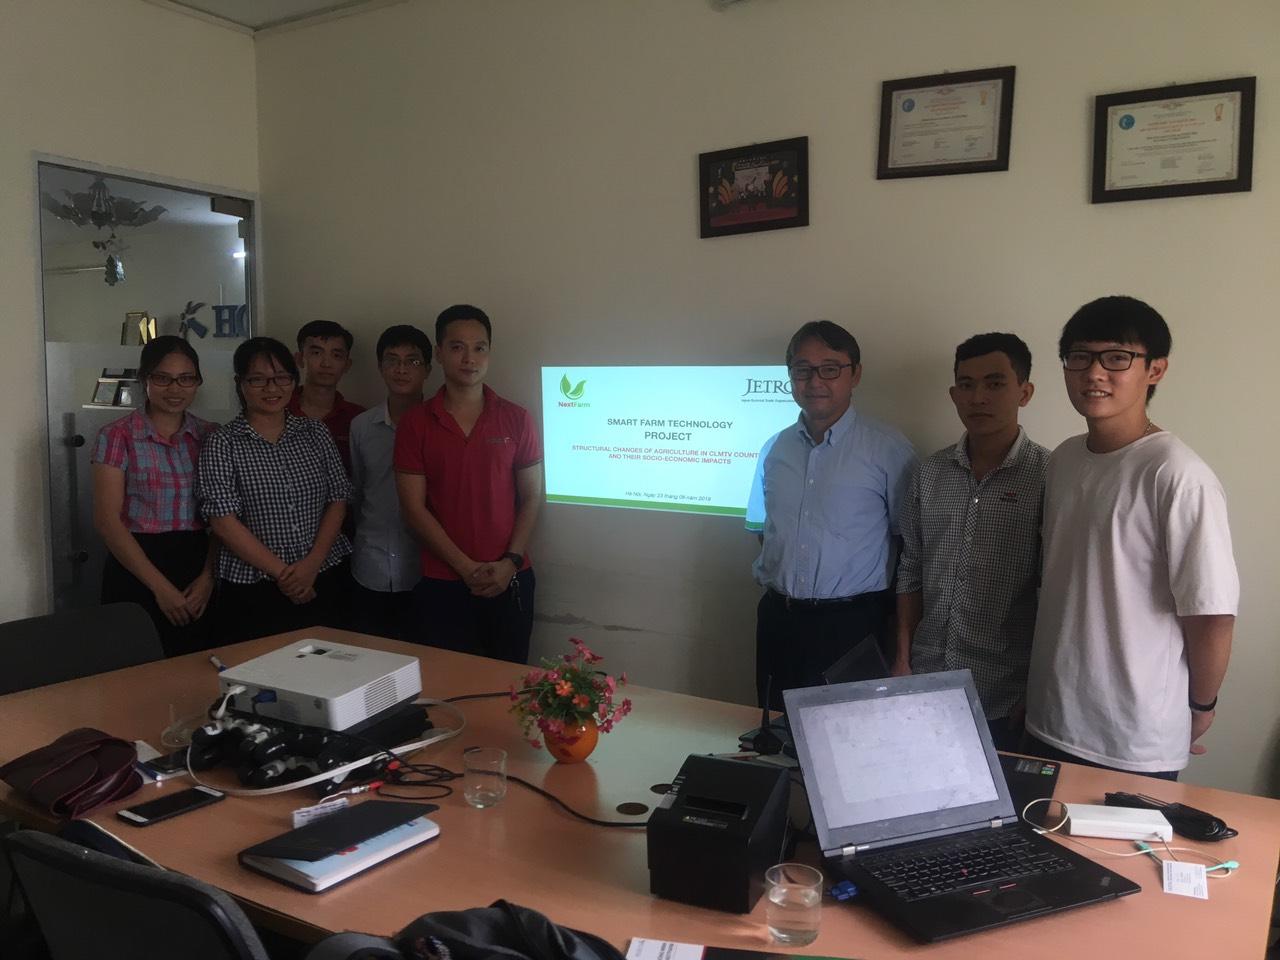 Nextfarm hợp tác kết nối cùng Tổ chức Xúc tiến thương mại Jetro Nhật Bản cho dự án CLMTV Countries trong Nông nghiệp